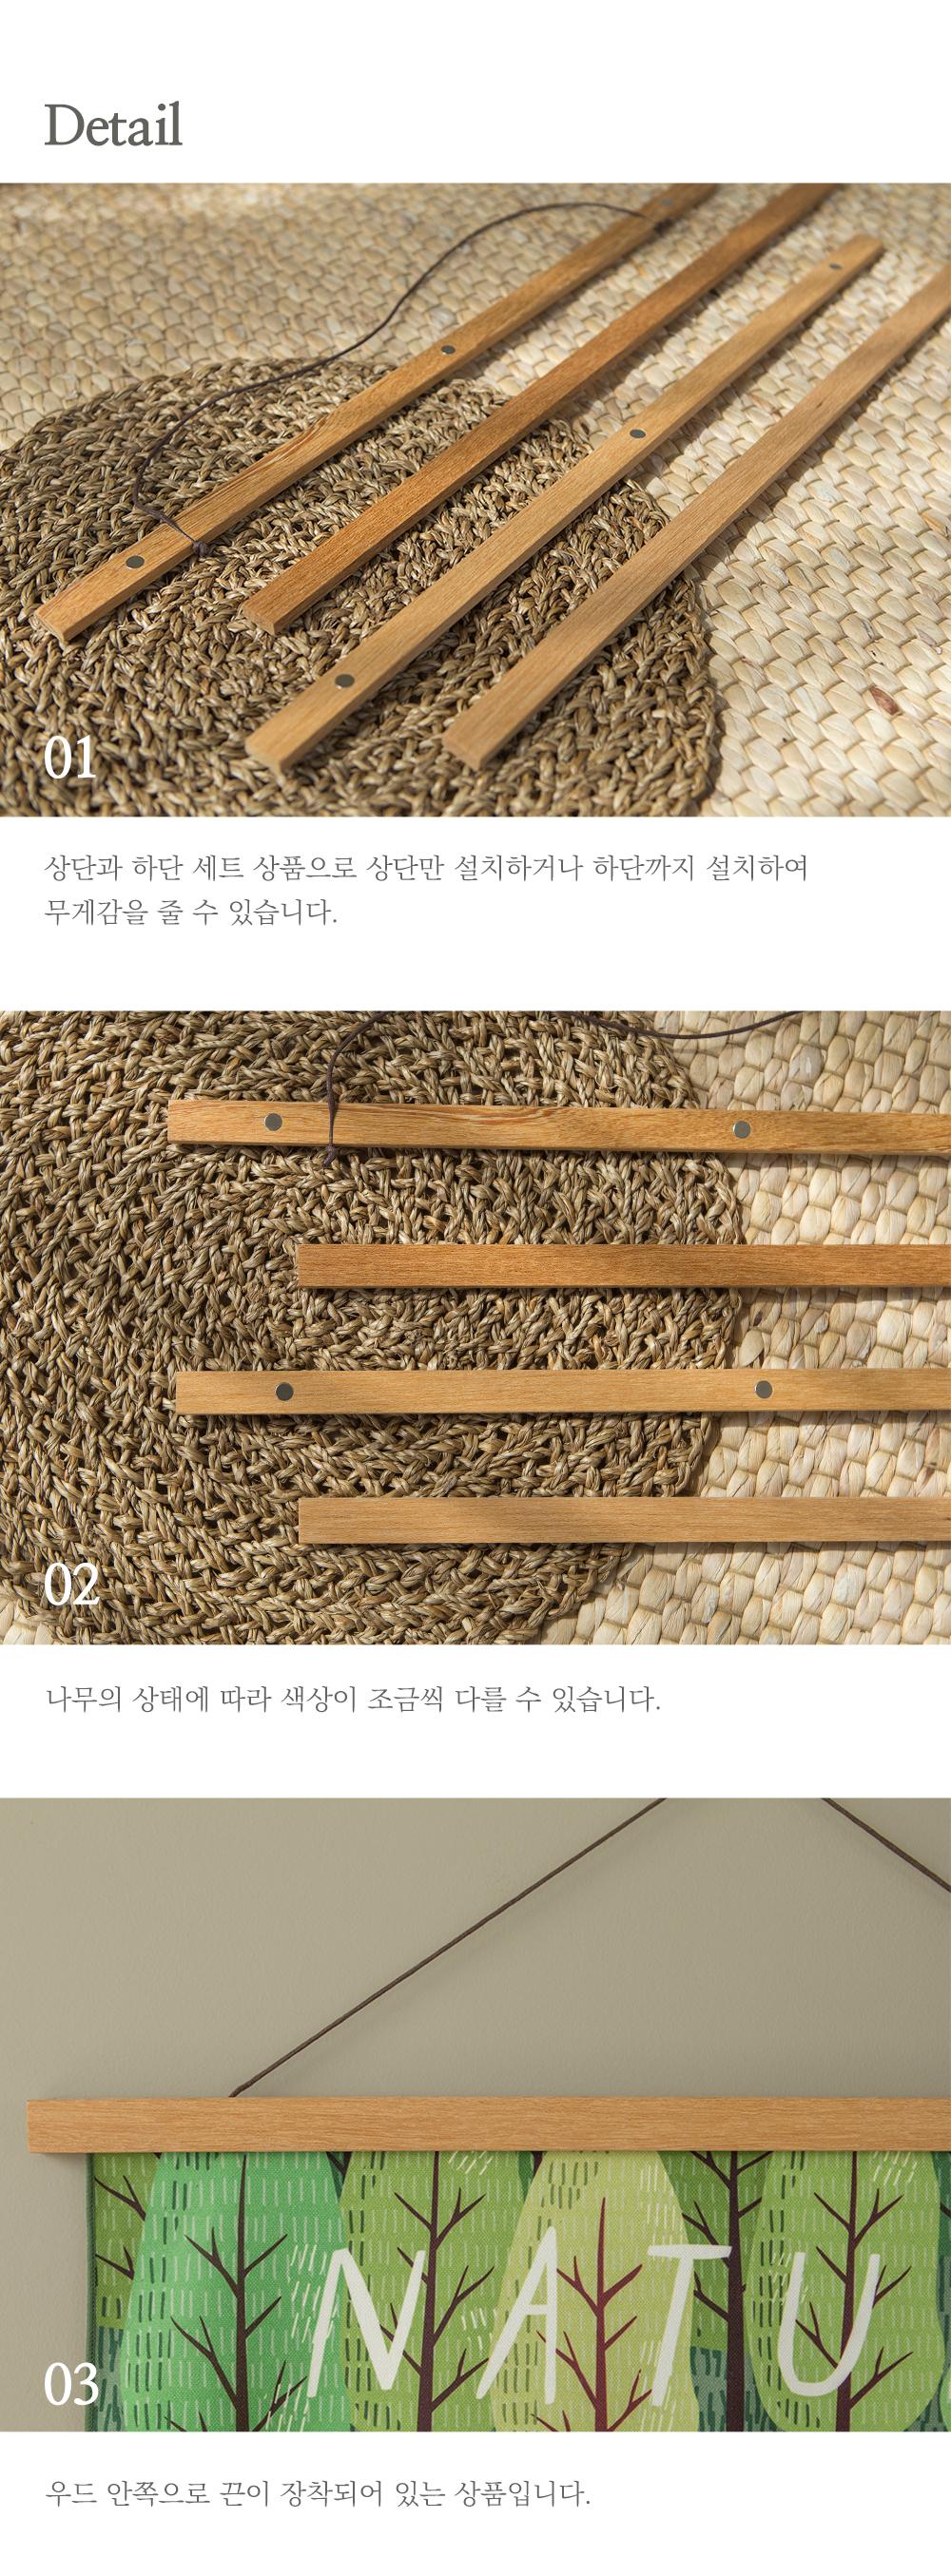 자석 우드족자 M(50cm)16,200원-마리하우스인테리어, 액자/홈갤러리, 홈갤러리, 패브릭포스터바보사랑자석 우드족자 M(50cm)16,200원-마리하우스인테리어, 액자/홈갤러리, 홈갤러리, 패브릭포스터바보사랑